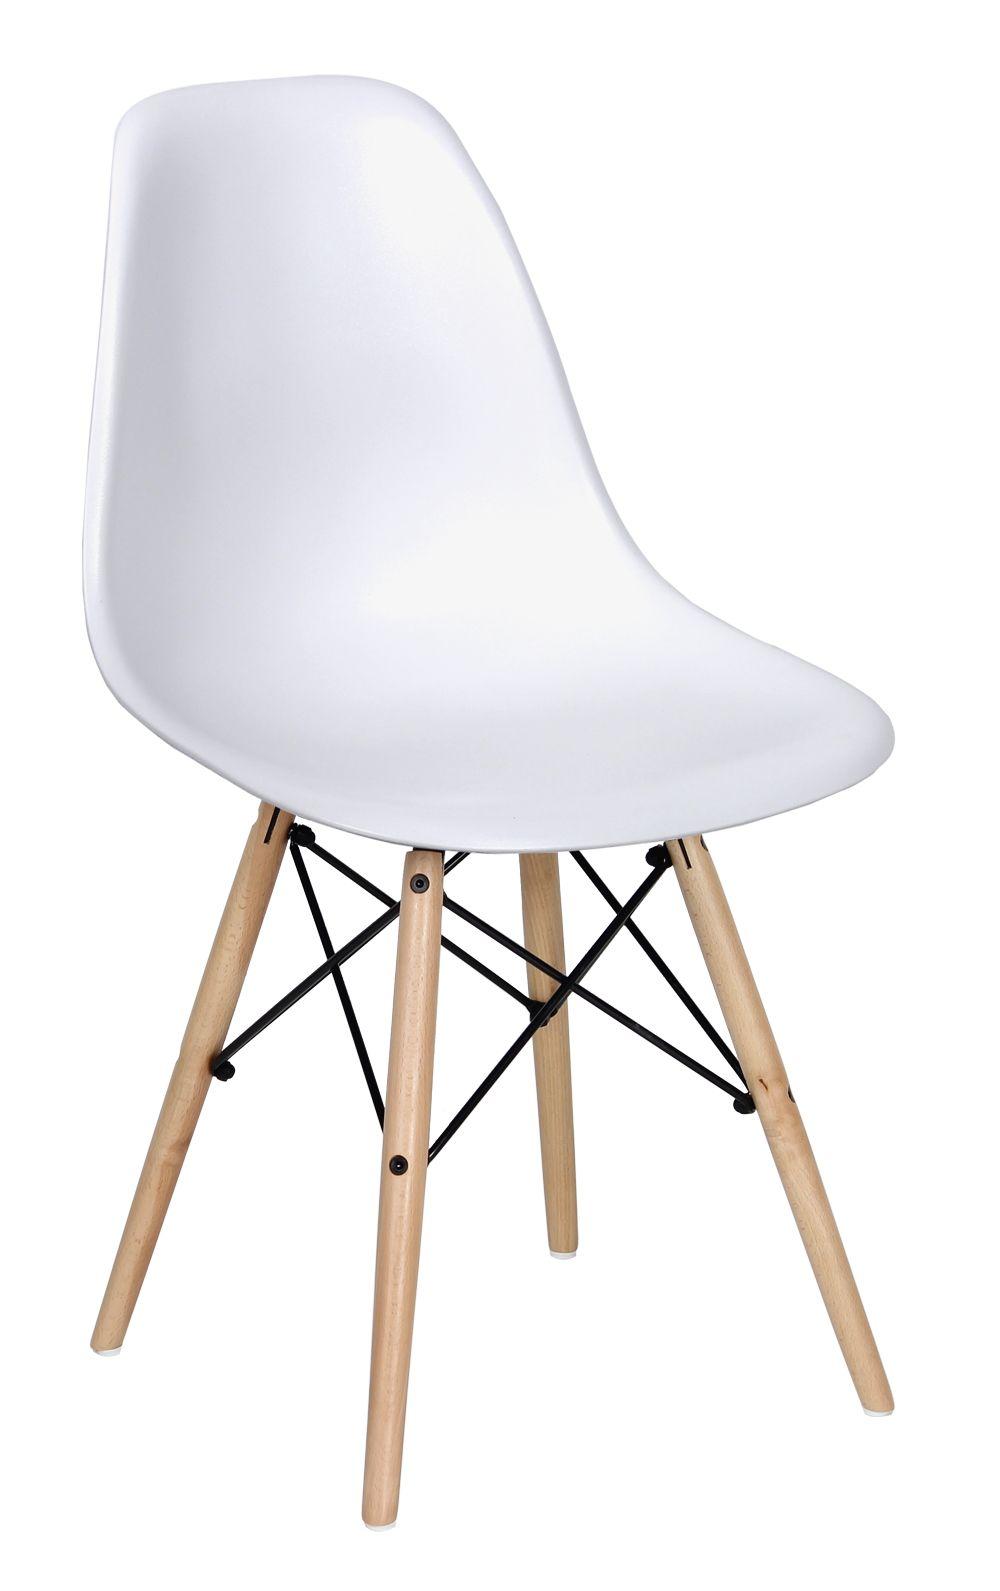 chaise dsw 89 et livraison gratuite sous 10 jours astuce meuble pinterest salons chaise. Black Bedroom Furniture Sets. Home Design Ideas